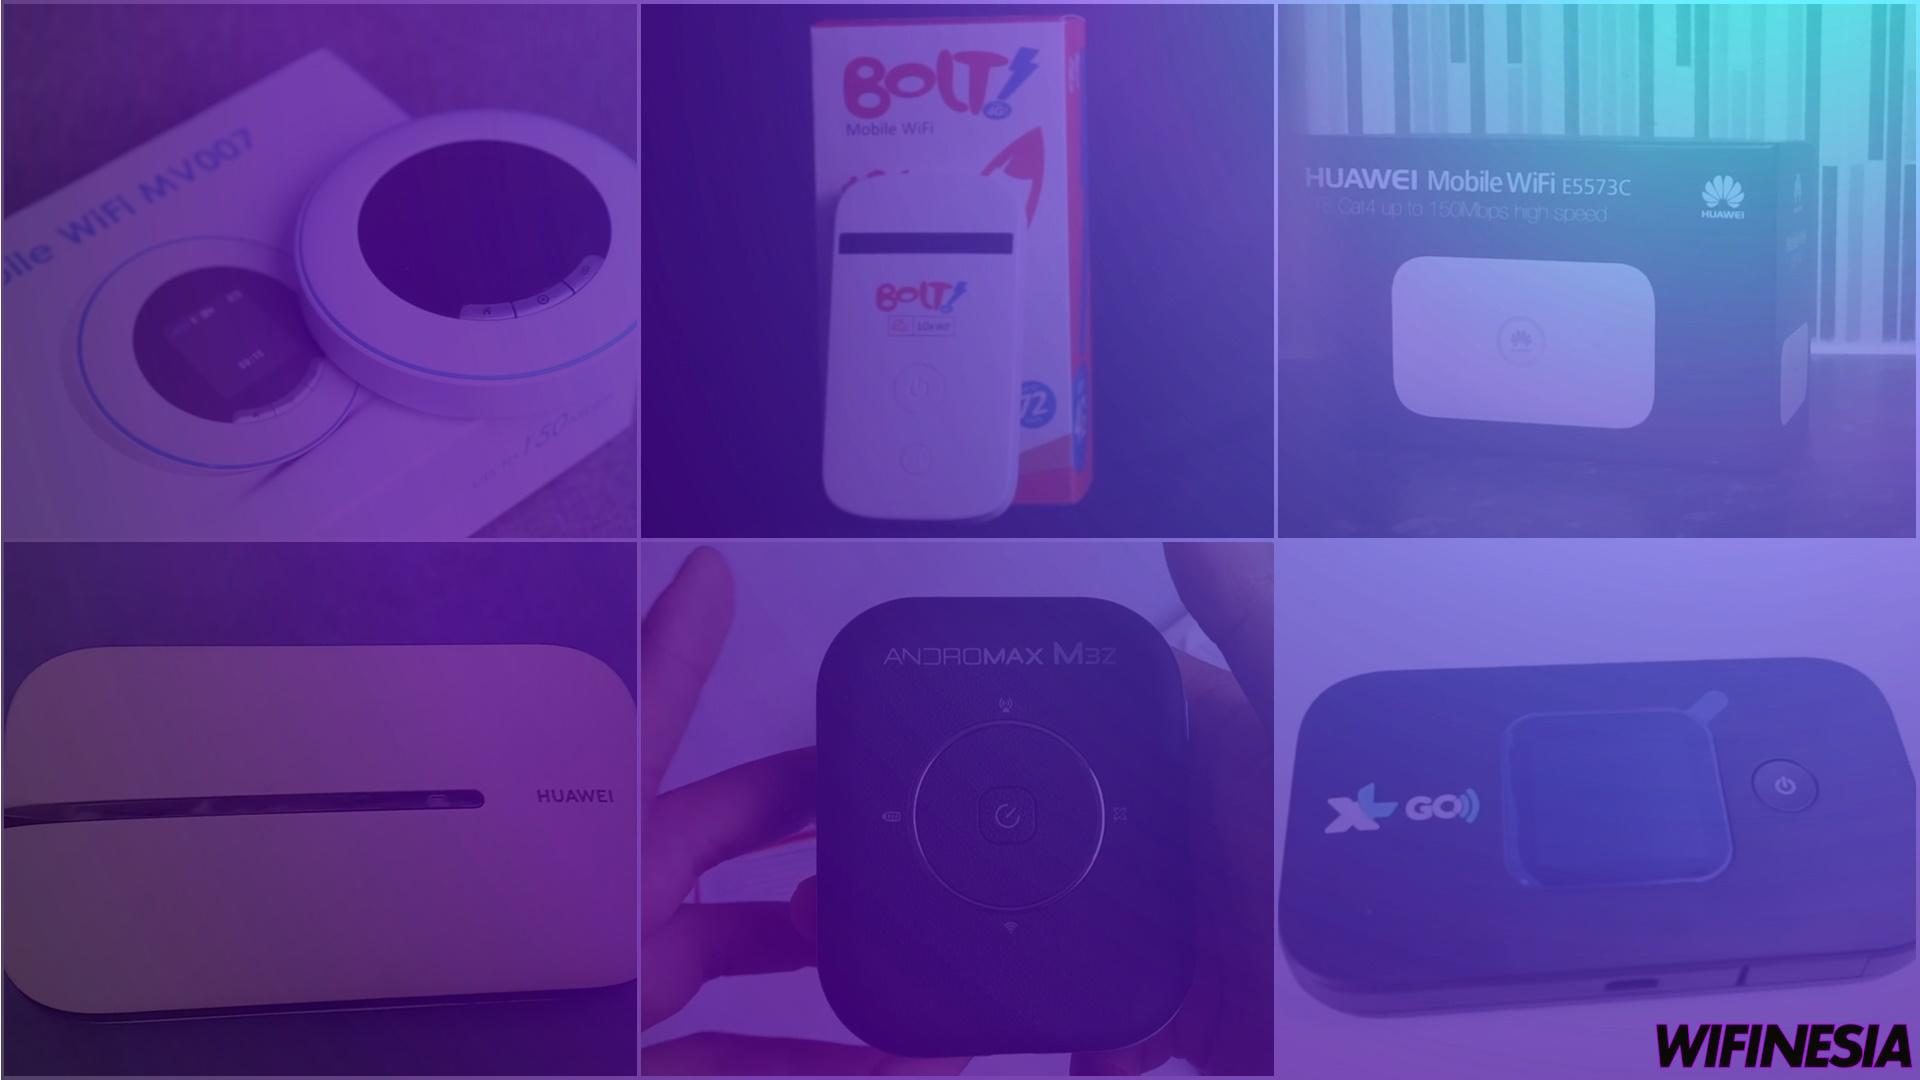 WiFi Portable Terbaik Dan Murah Mulai Dari 100 Ribuan